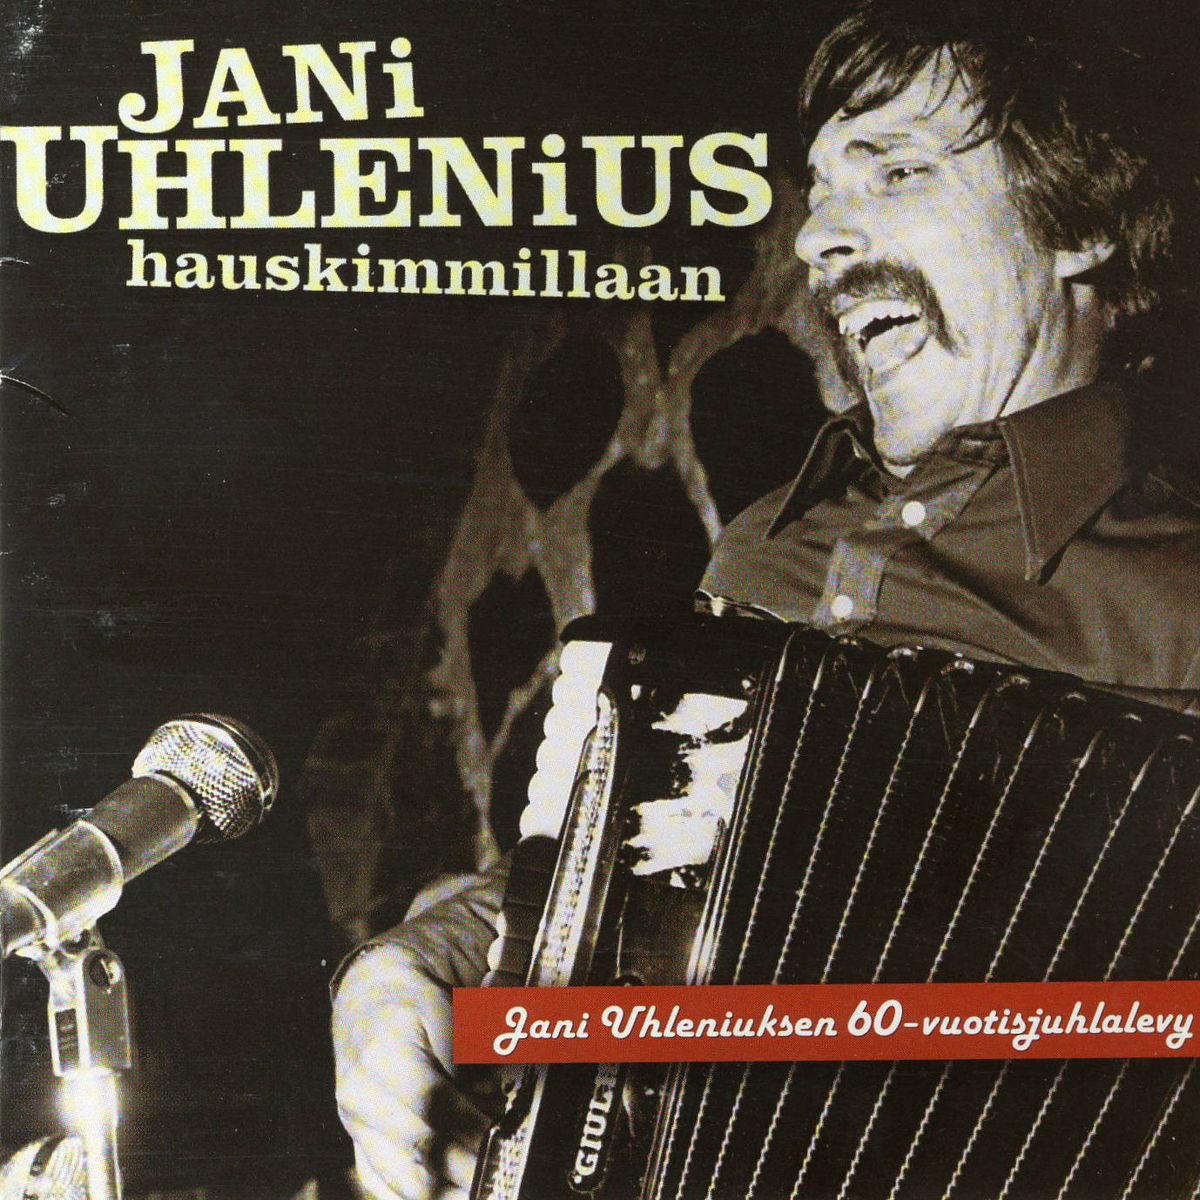 Jani Uhlenius - Hauskimmillaan